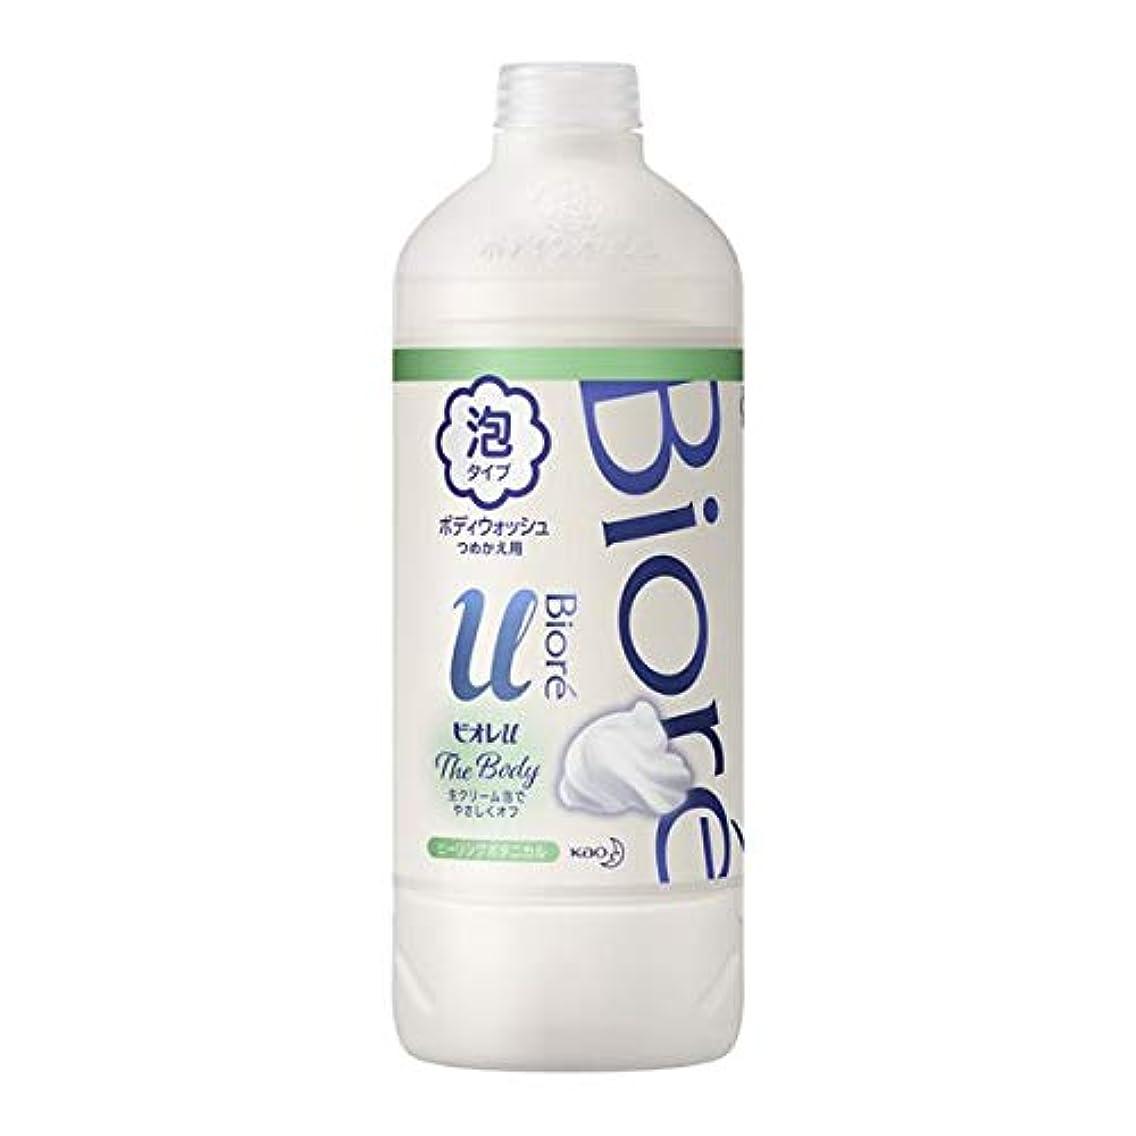 予言するファイバに対処する花王 ビオレu ザ ボディ泡ヒーリングボタニカルの香り 詰替え用 450ml